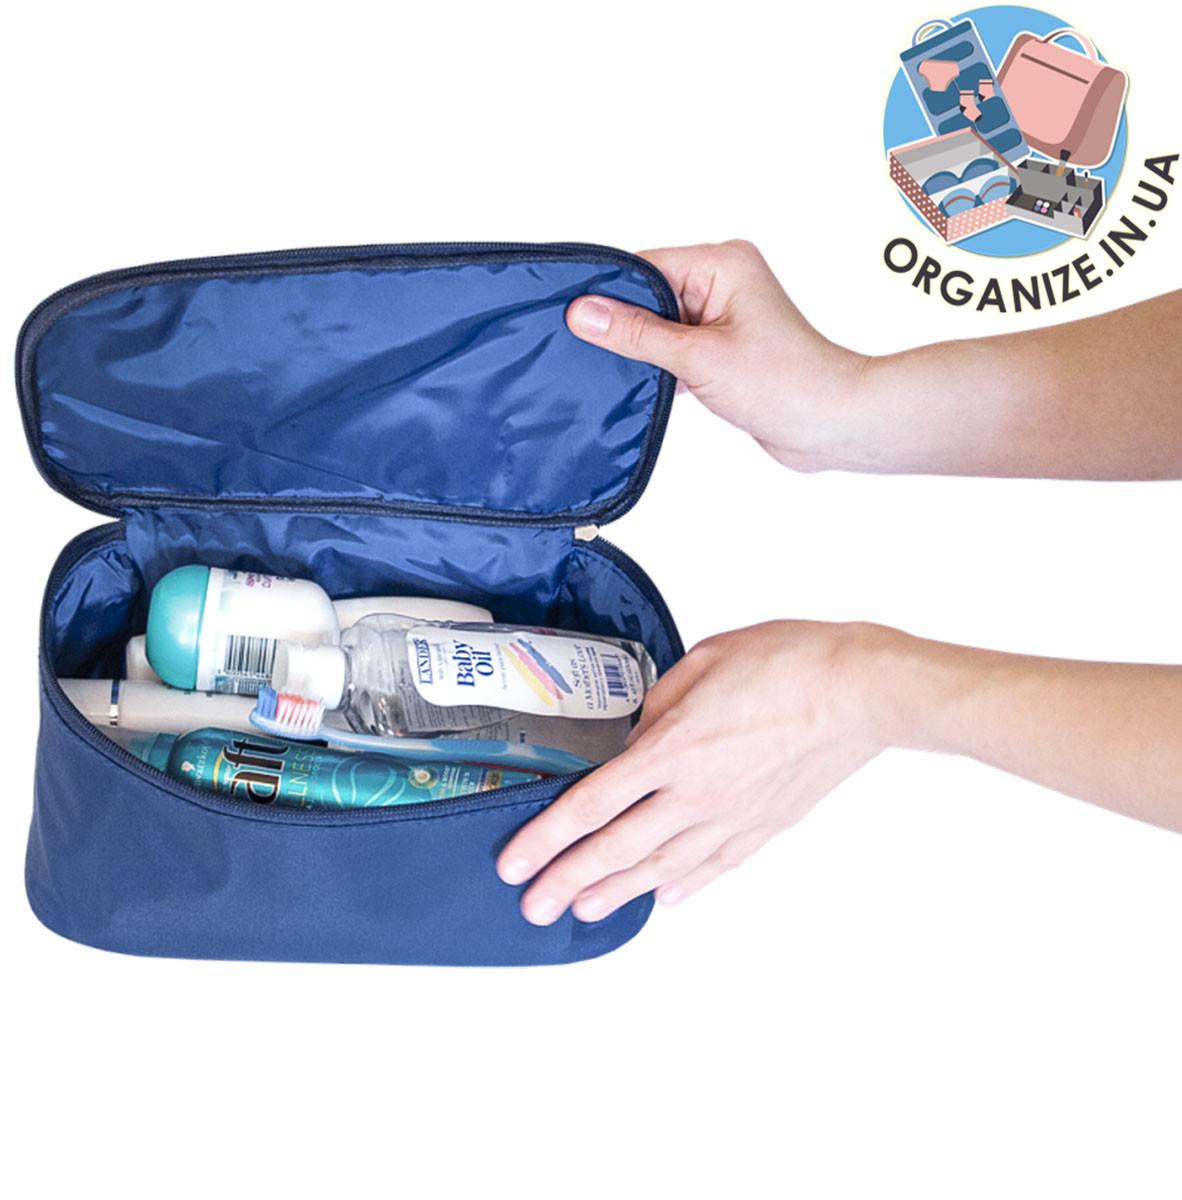 Прямоугольный дорожный органайзер для лекарств ORGANIZE (синий)